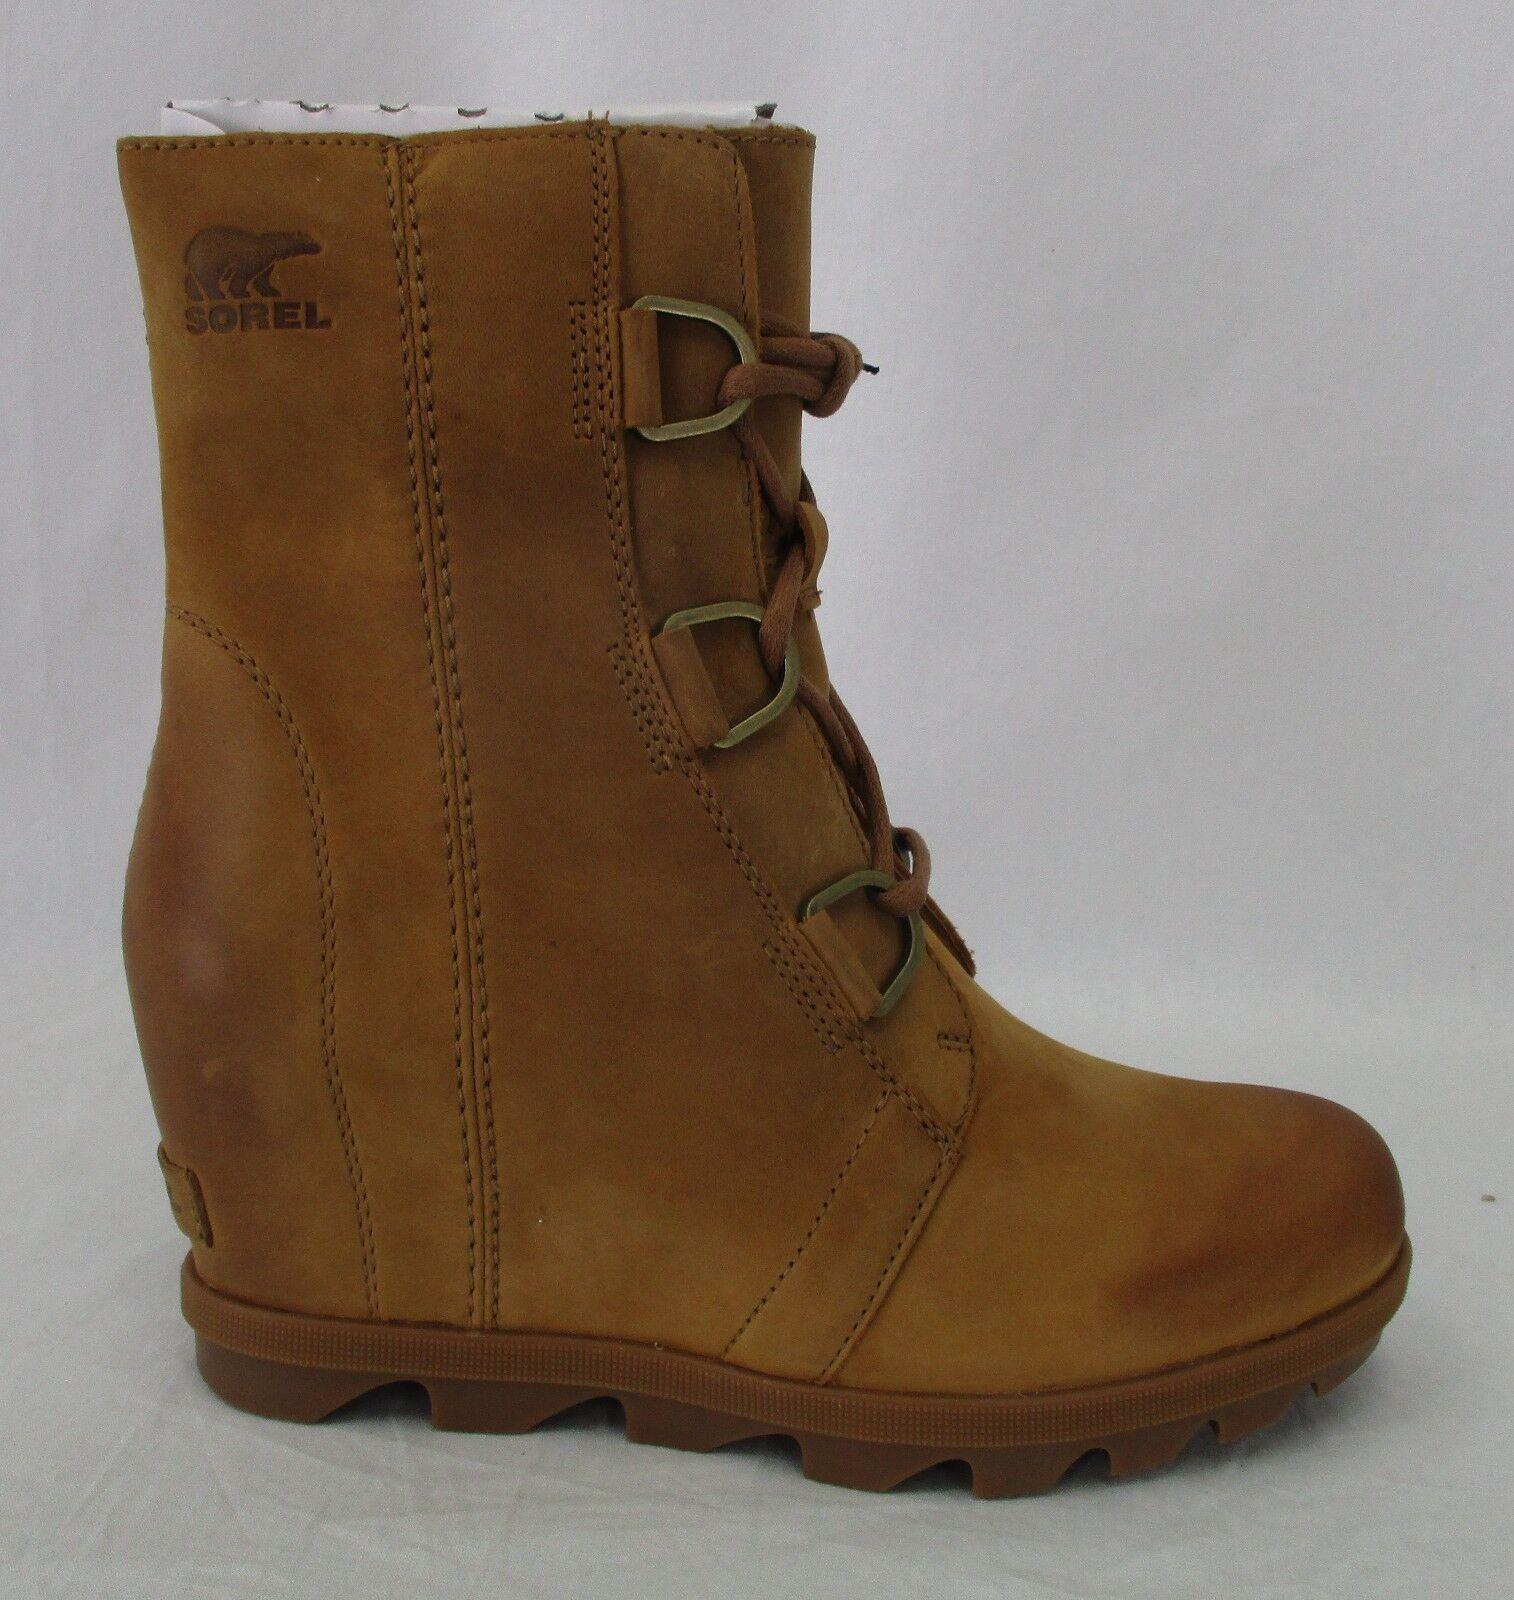 Sorel Women's Joan of Arctic Wedge II Camel Brown Boot 1808561 Size 8.5